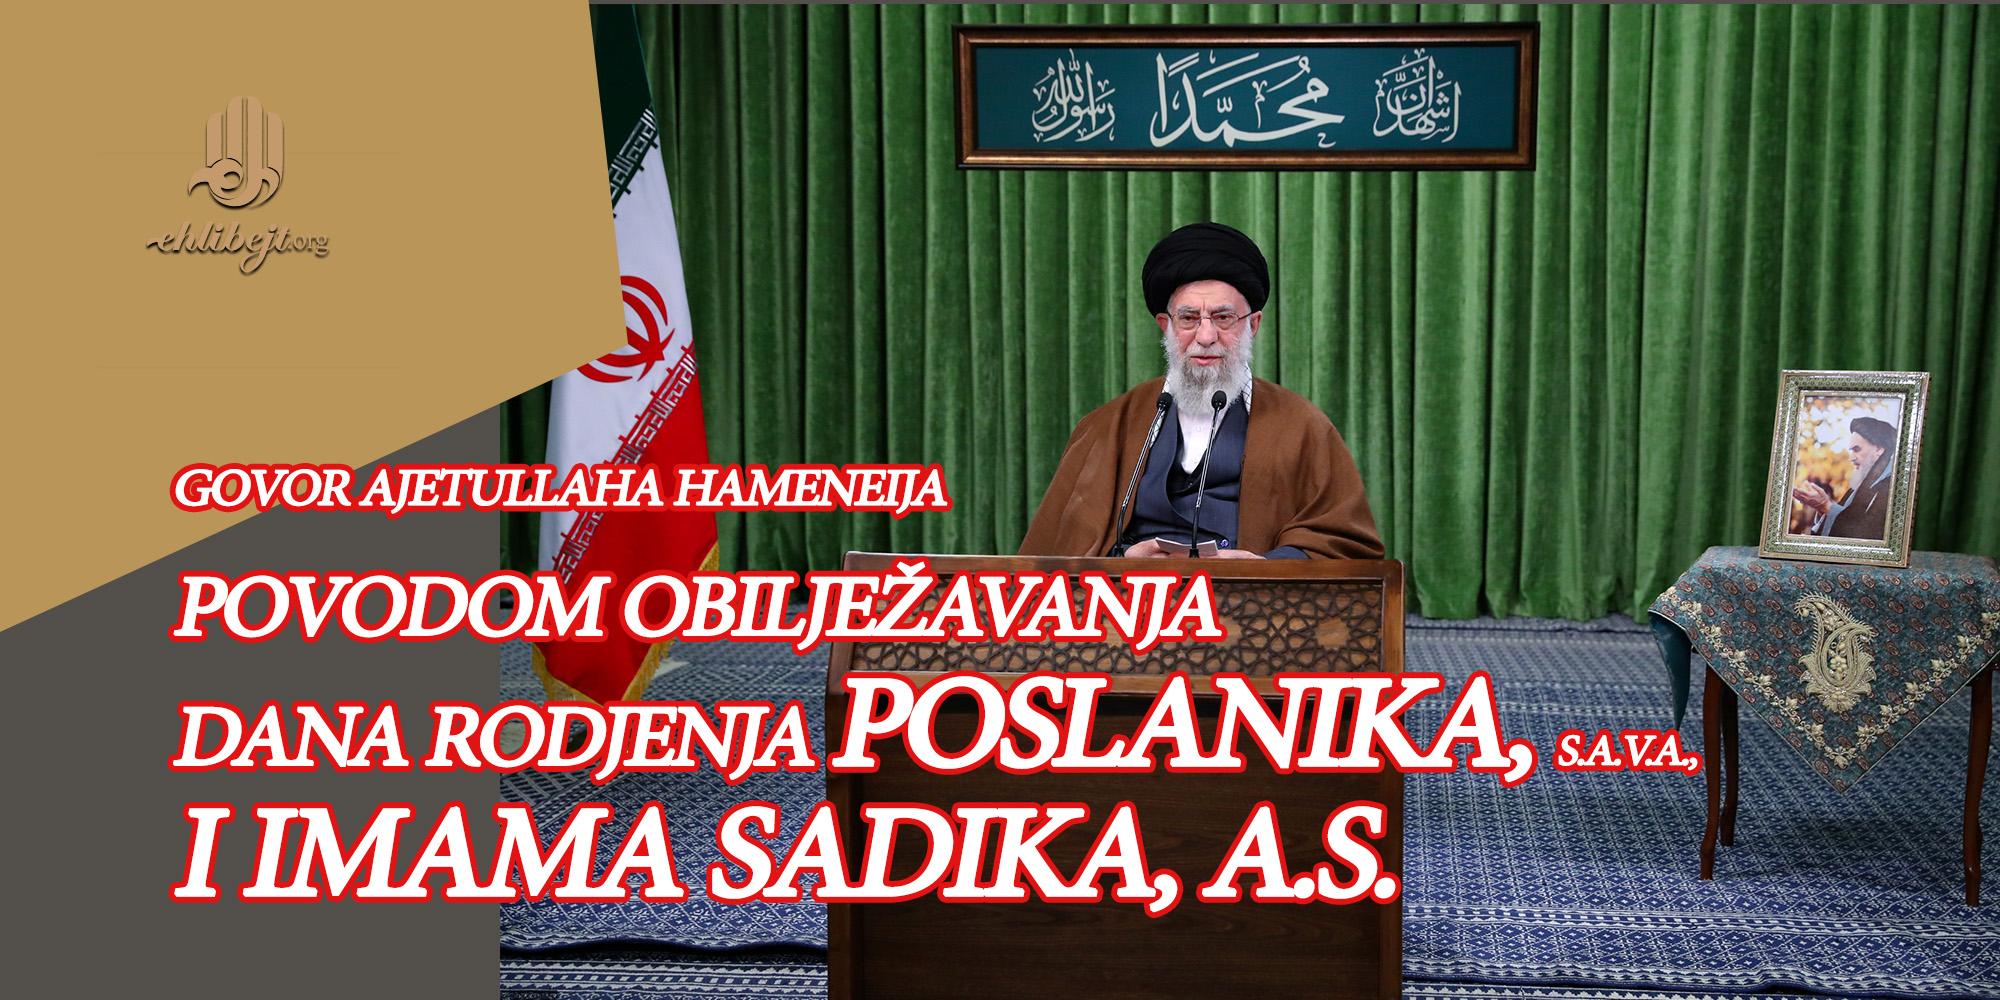 Govor ajetullaha Hameneija povodom obilježavanja dana rođenja Poslanika, s.a.v.a., i Imama Sadika, a.s.